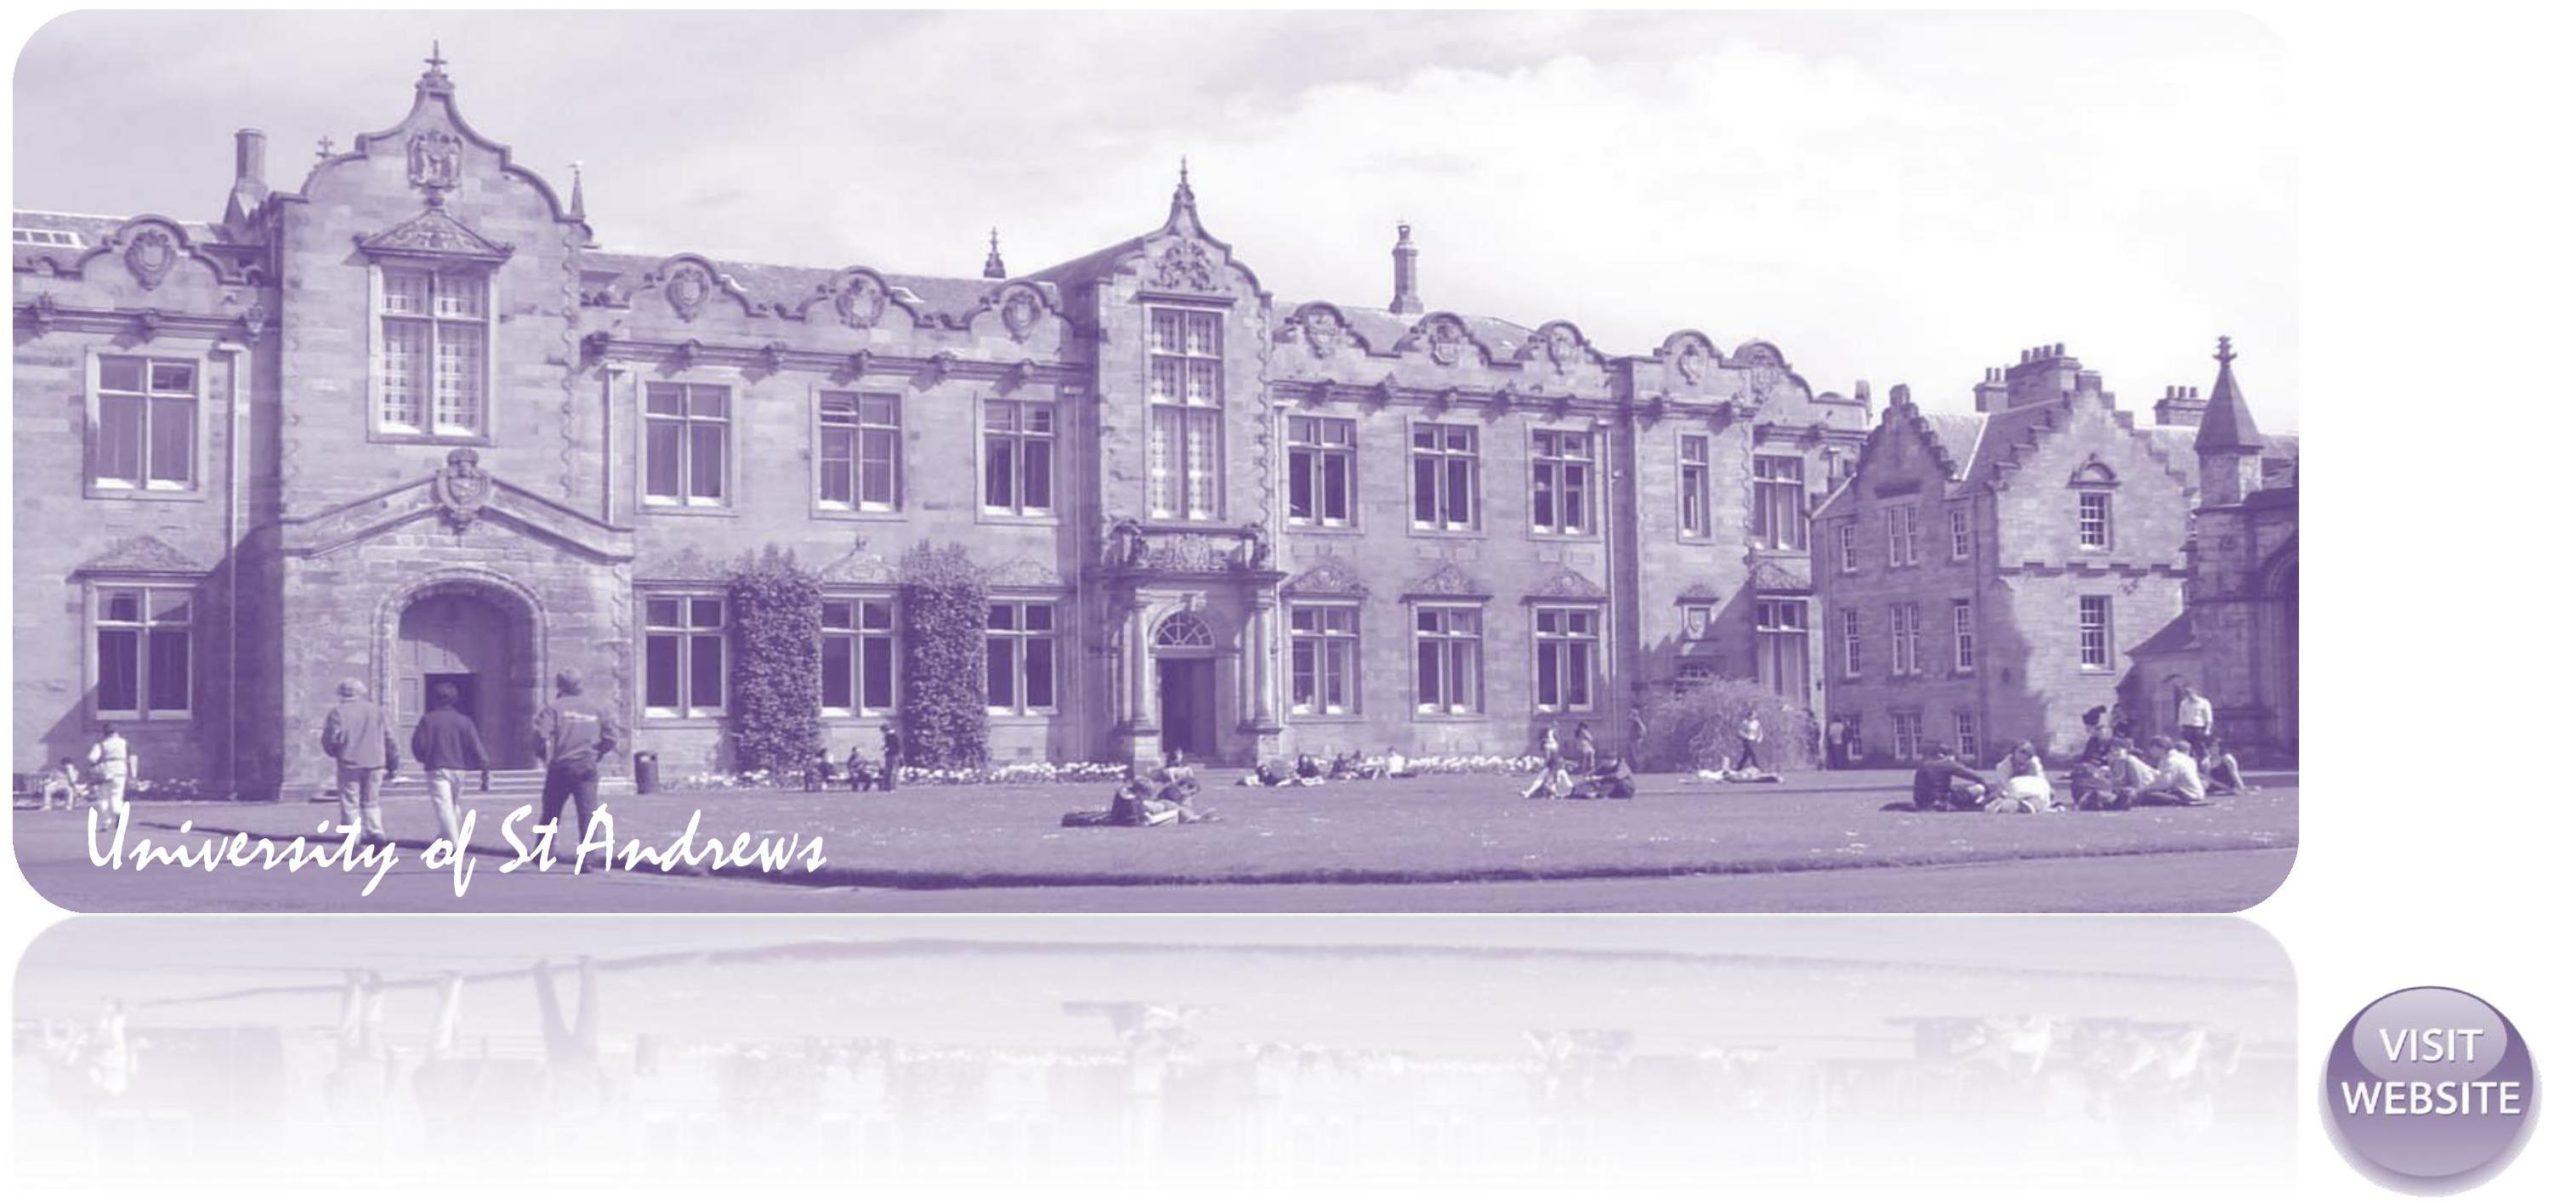 University of St Andrews UK